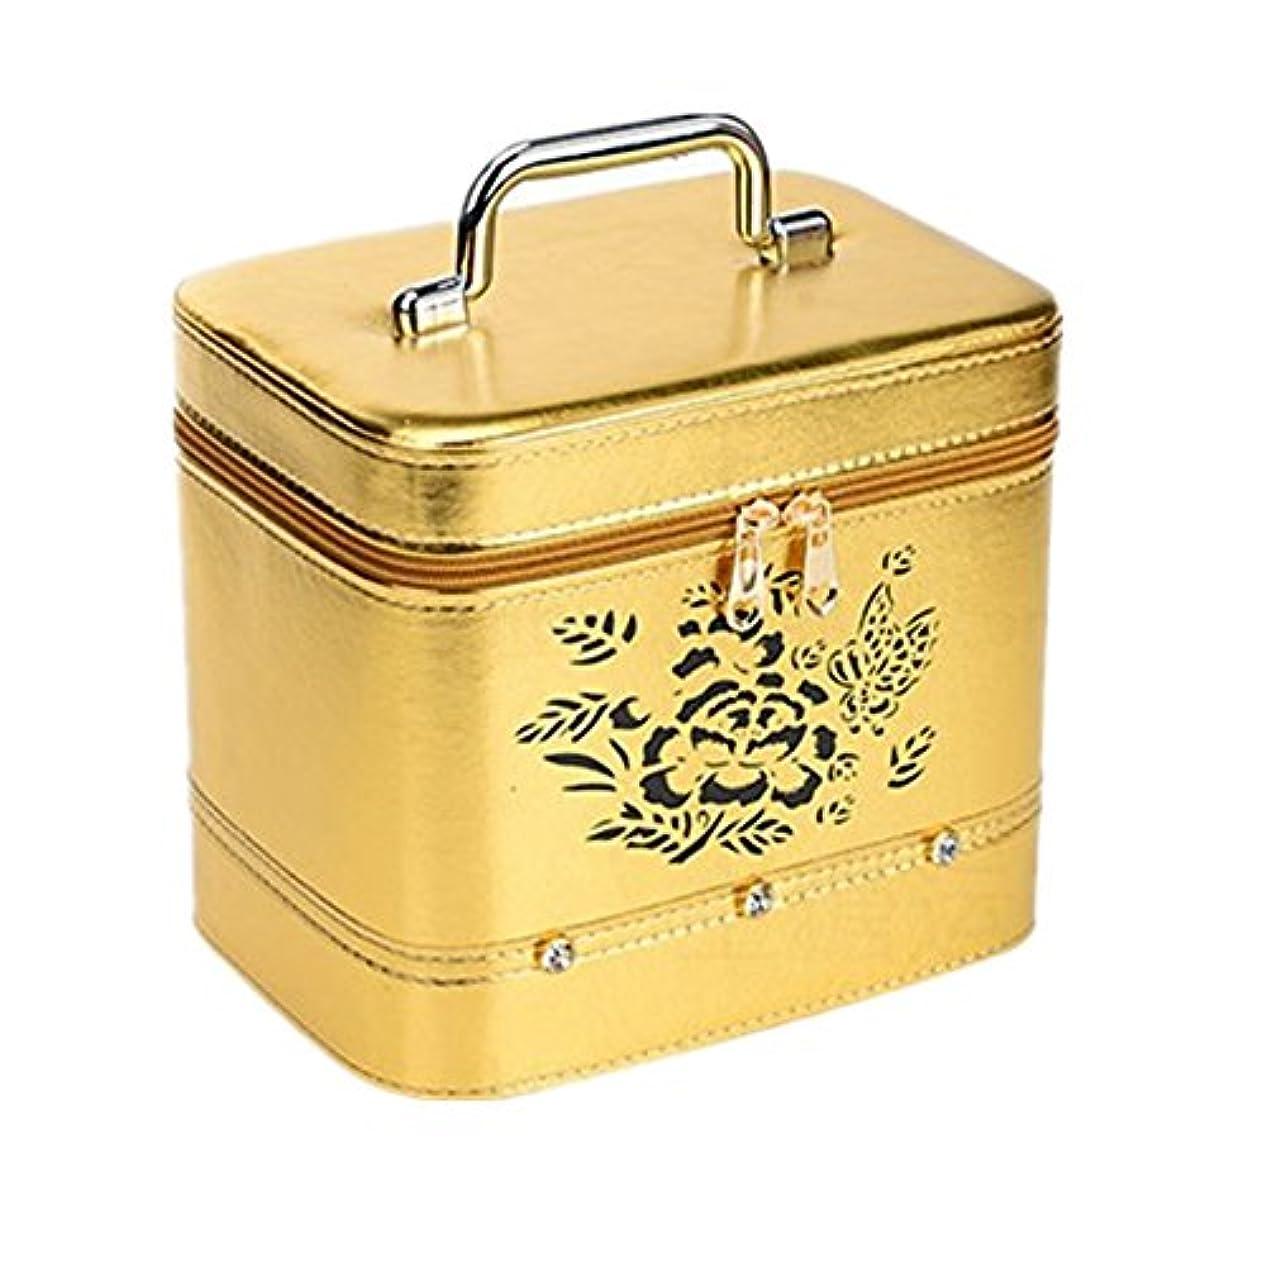 ジョブ説得成功化粧オーガナイザーバッグ ジッパーと化粧鏡で小さなものの種類の旅行のための美容メイクアップのためのポータブル化粧品バッグ 化粧品ケース